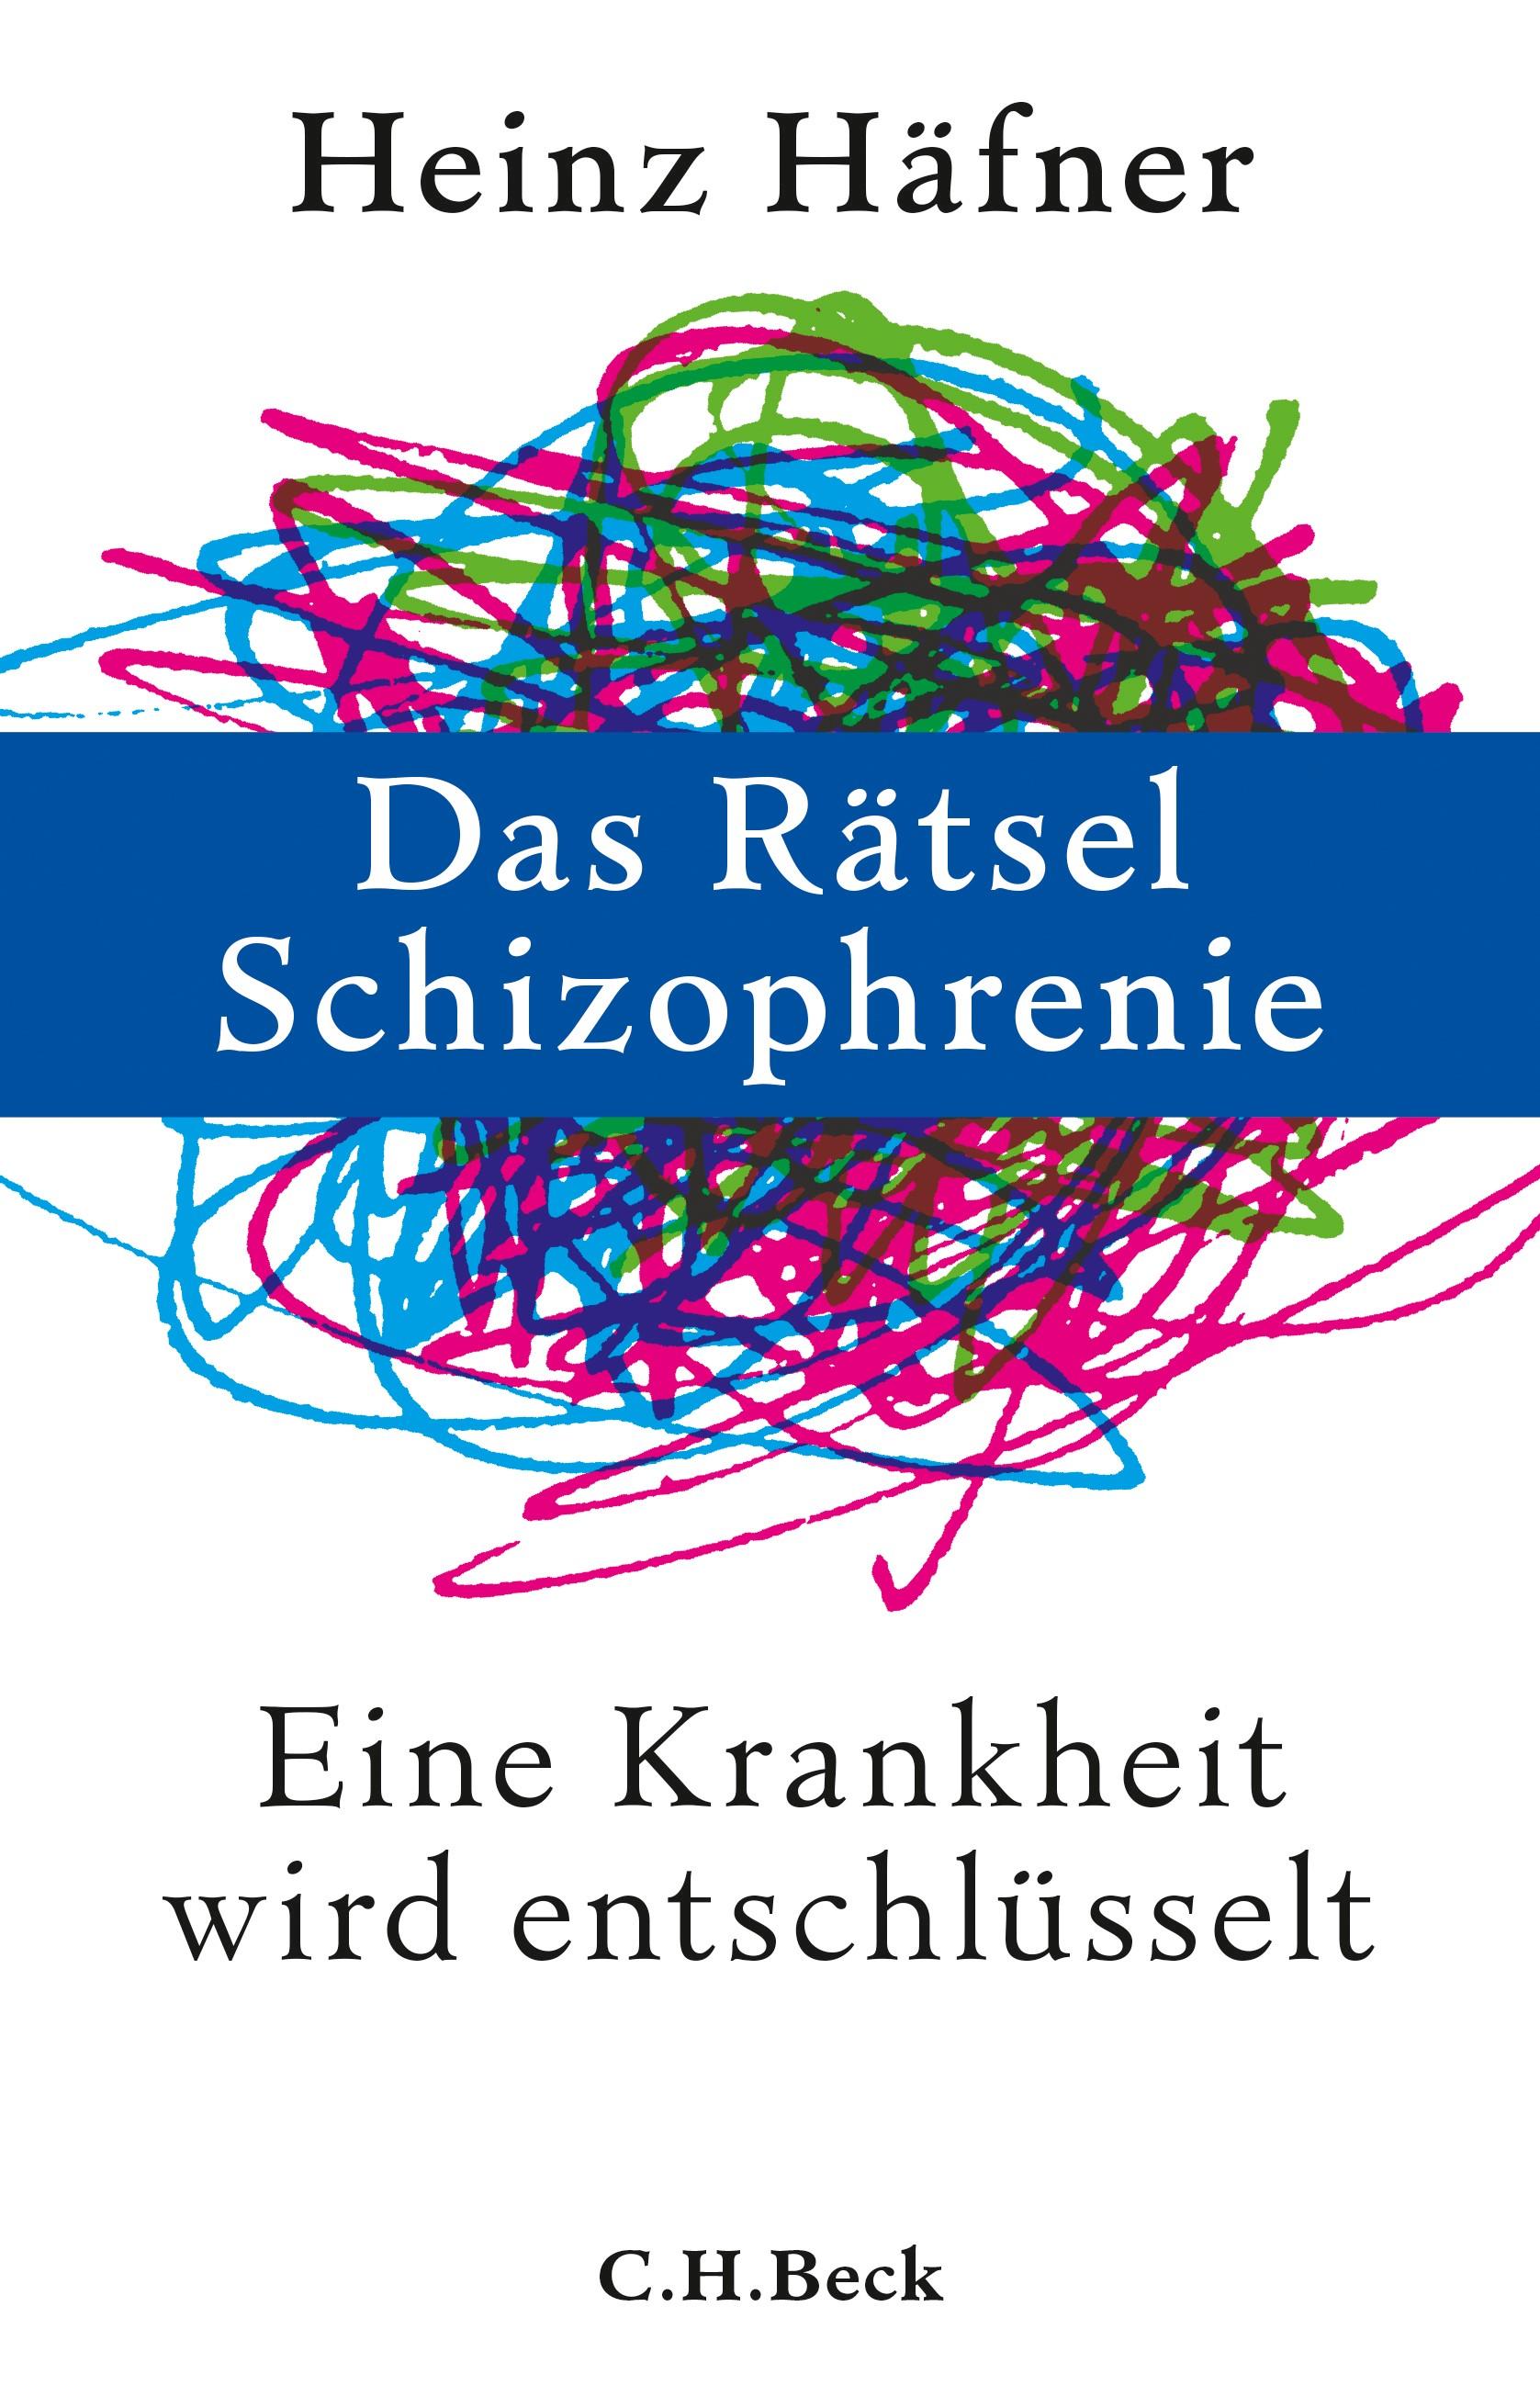 Cover des Buches 'Das Rätsel Schizophrenie'